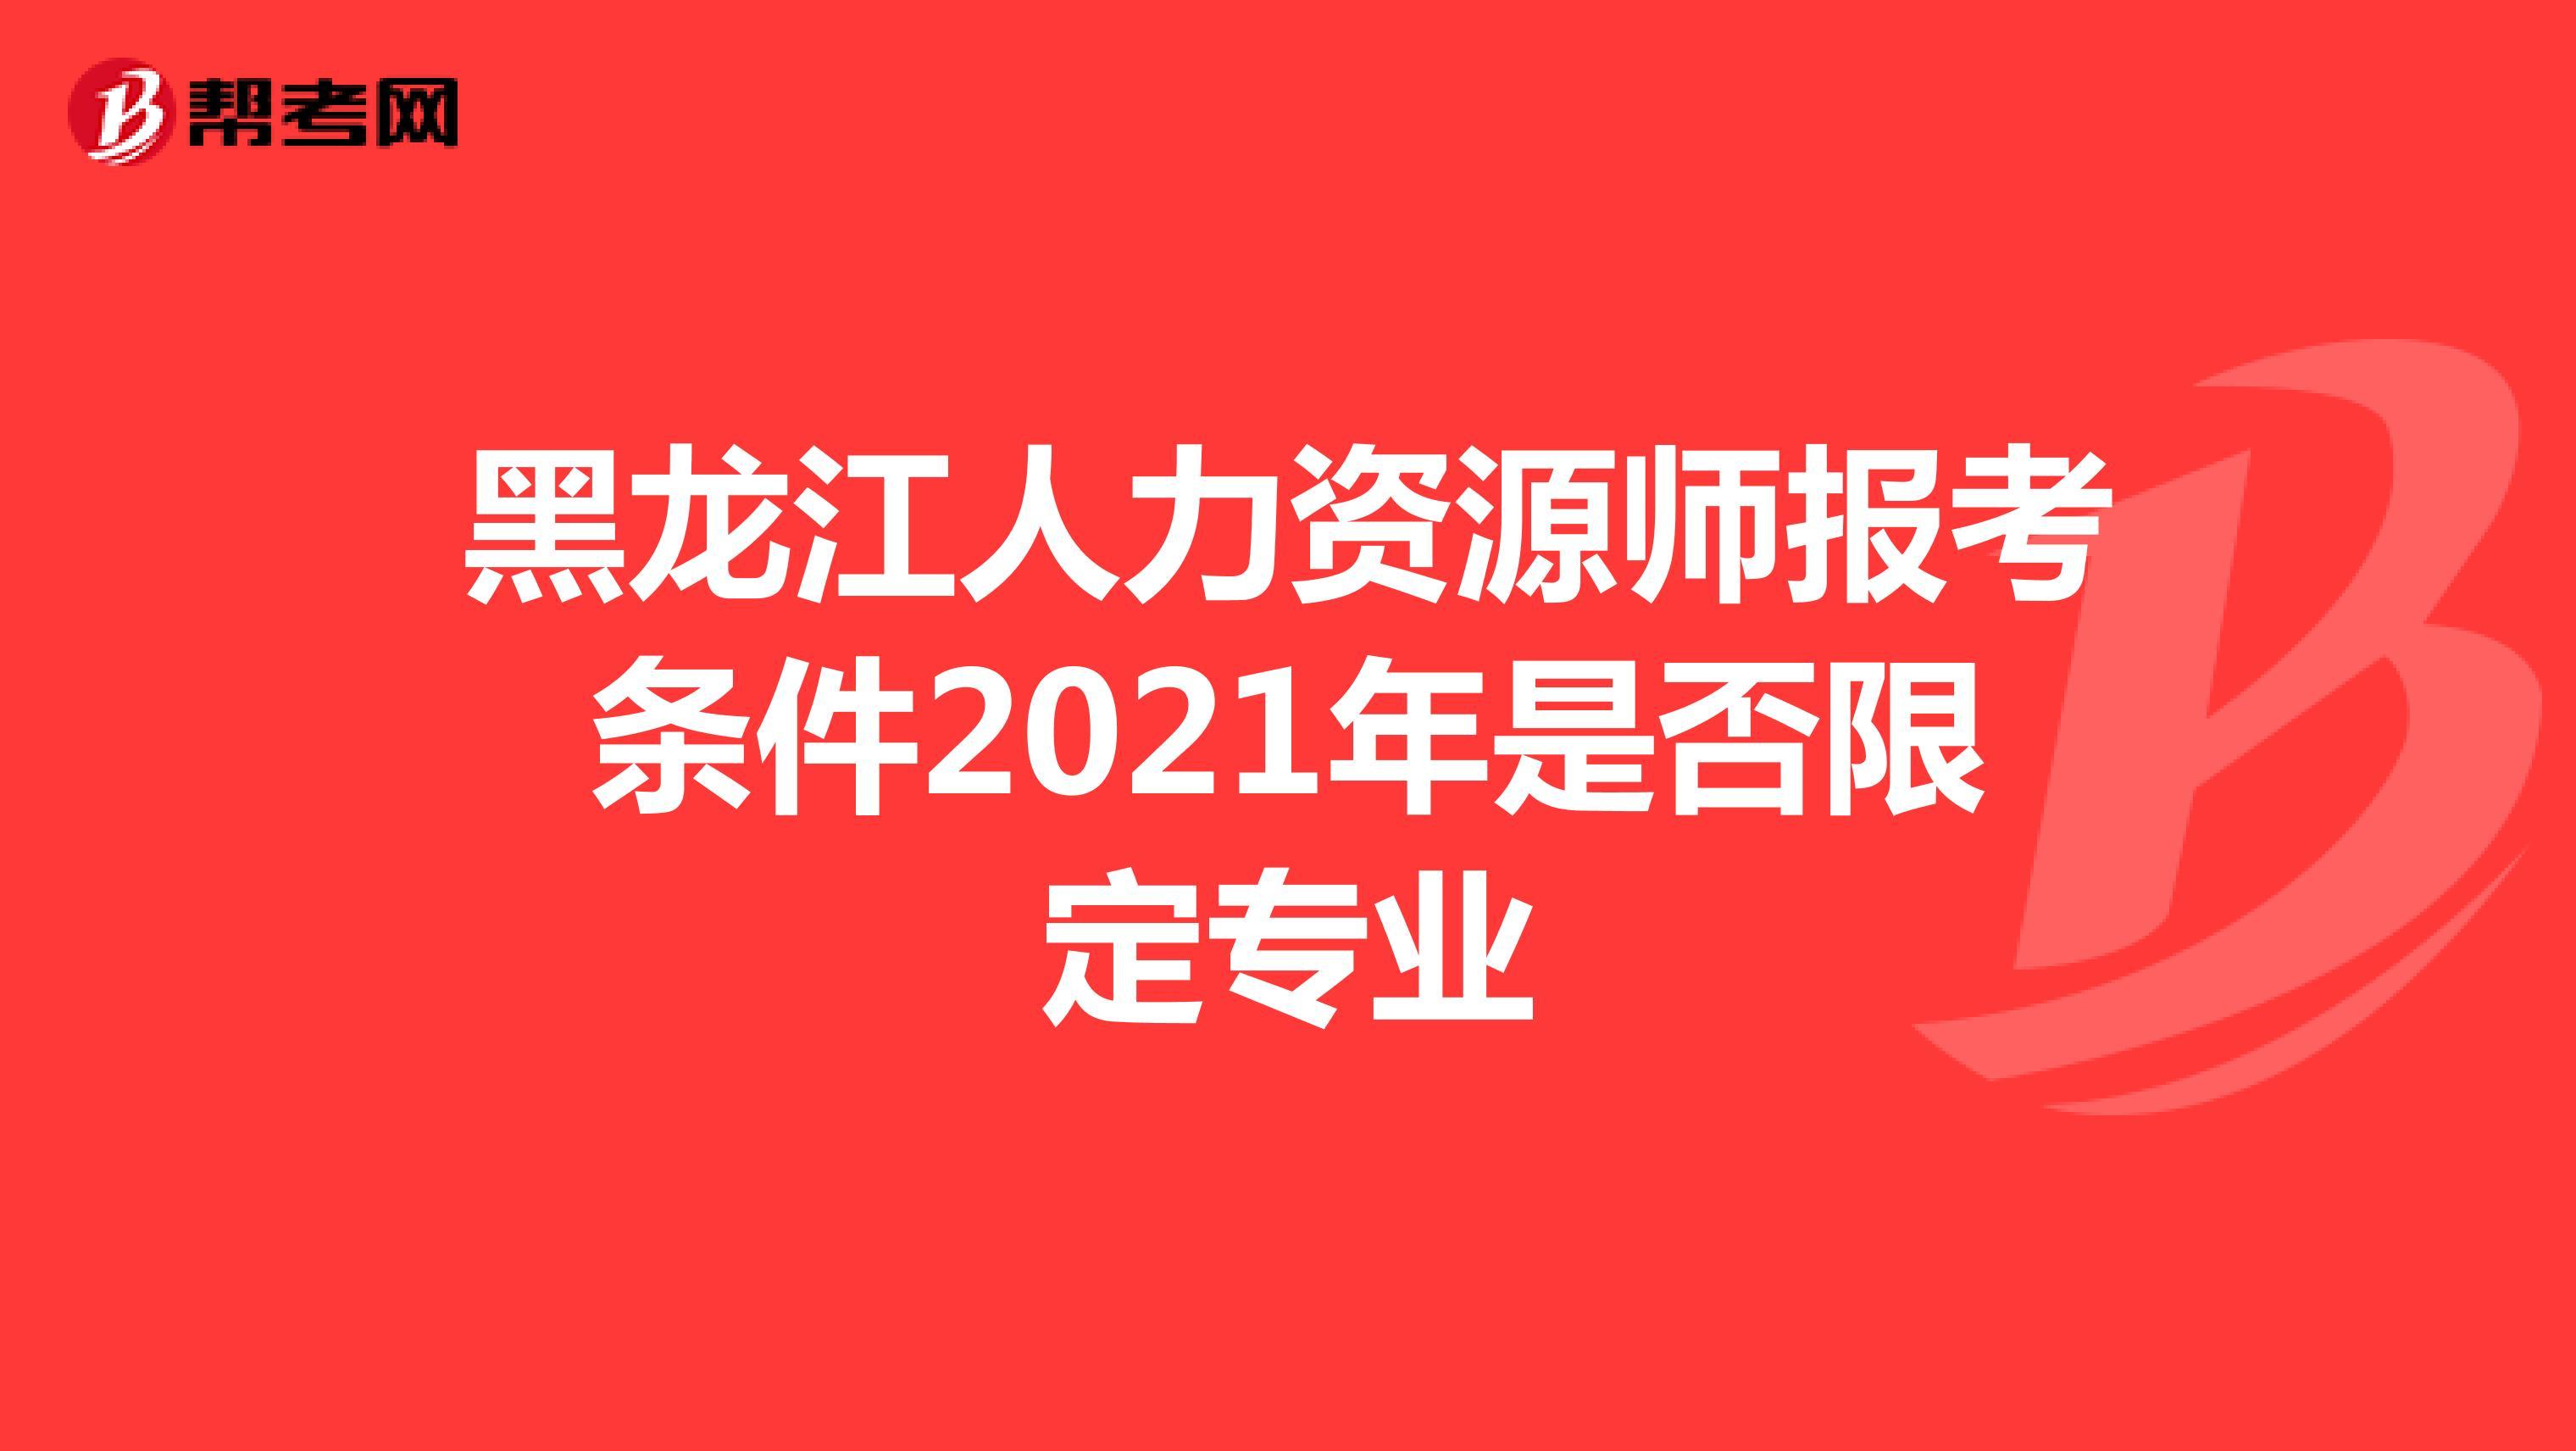 黑龍江人力資源師報考條件2021年是否限定專業